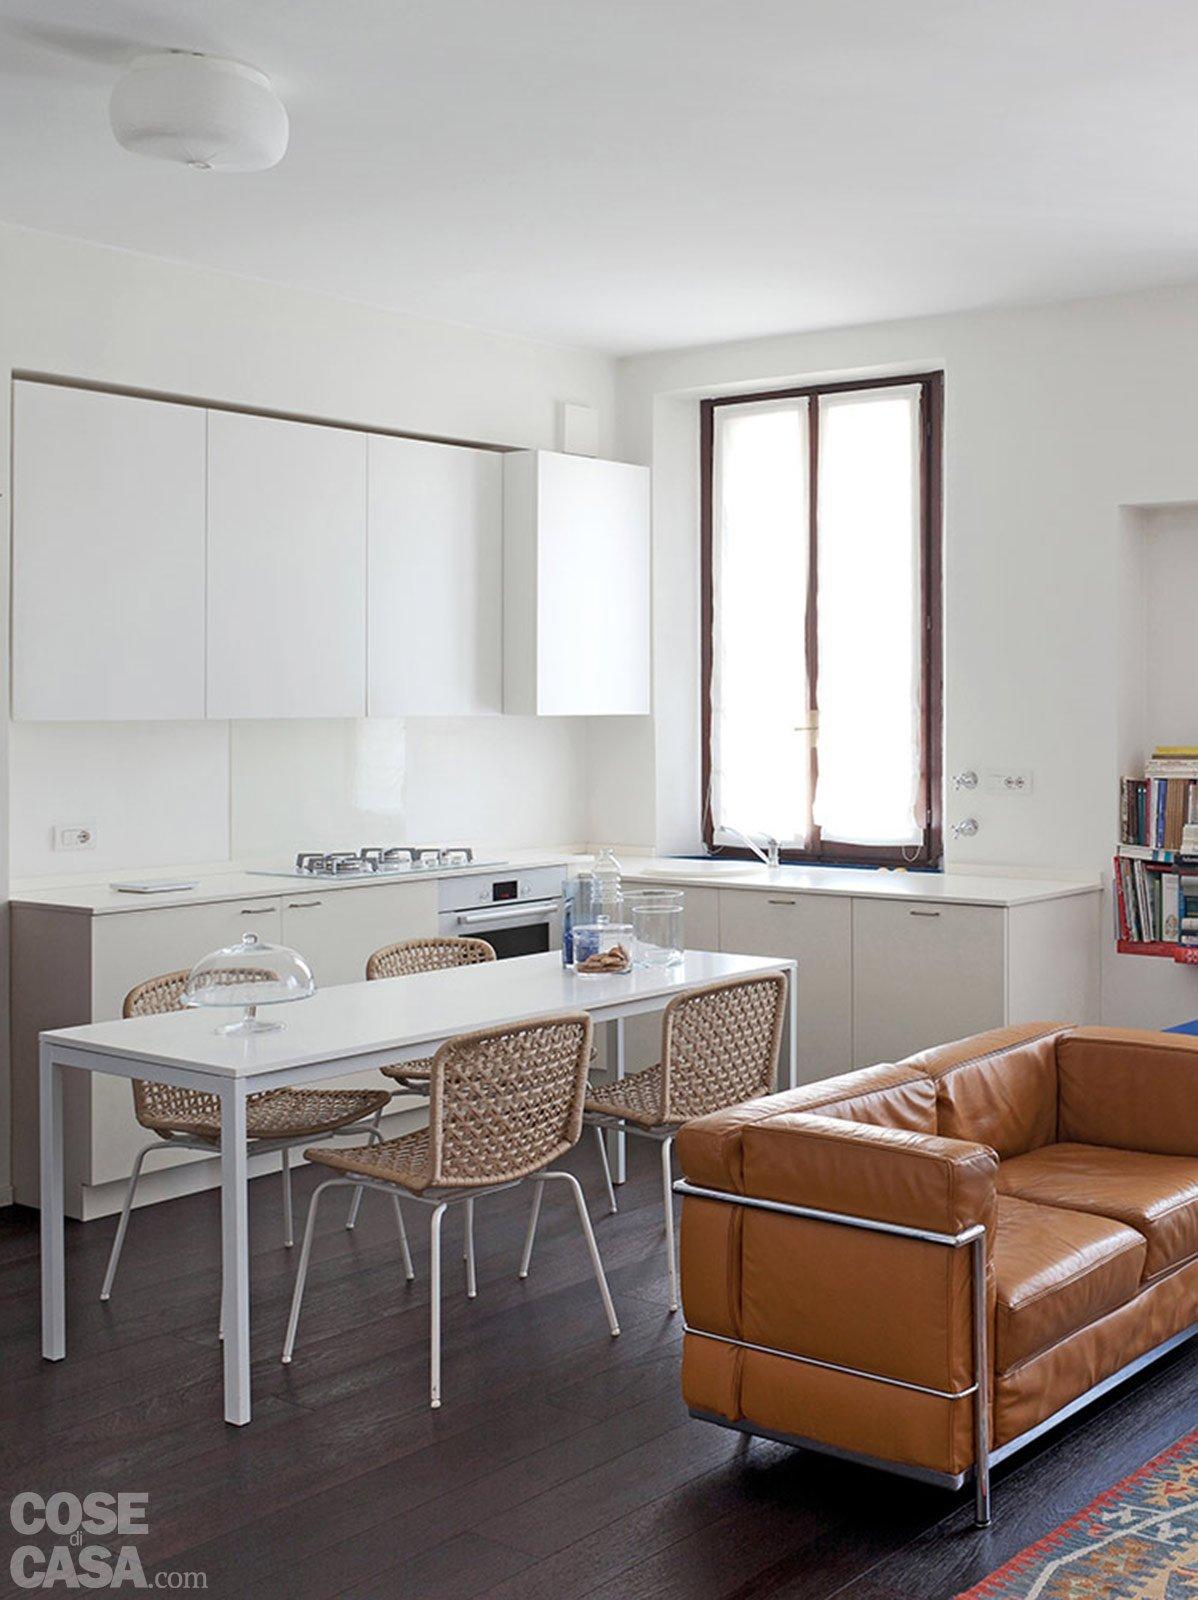 70 mq la casa migliora cos cose di casa - Arredare cucina 4 mq ...